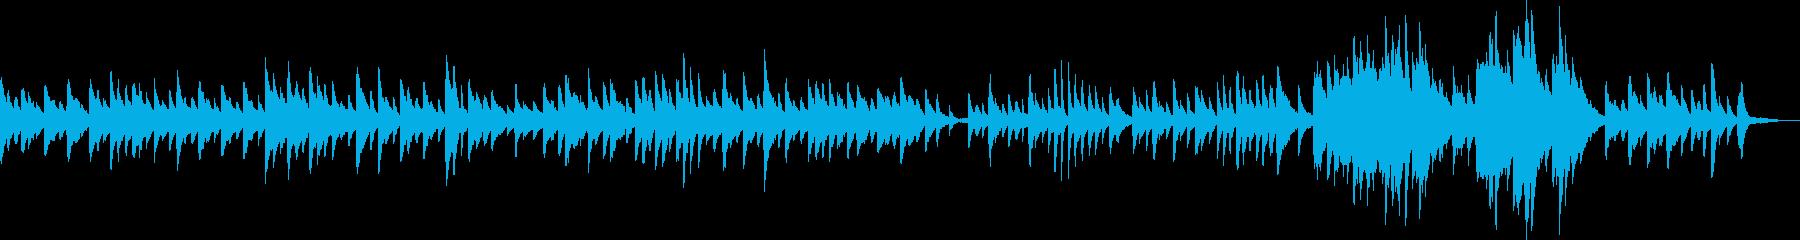 ゆったり過ごす静かなクリスマス(ピアノ)の再生済みの波形